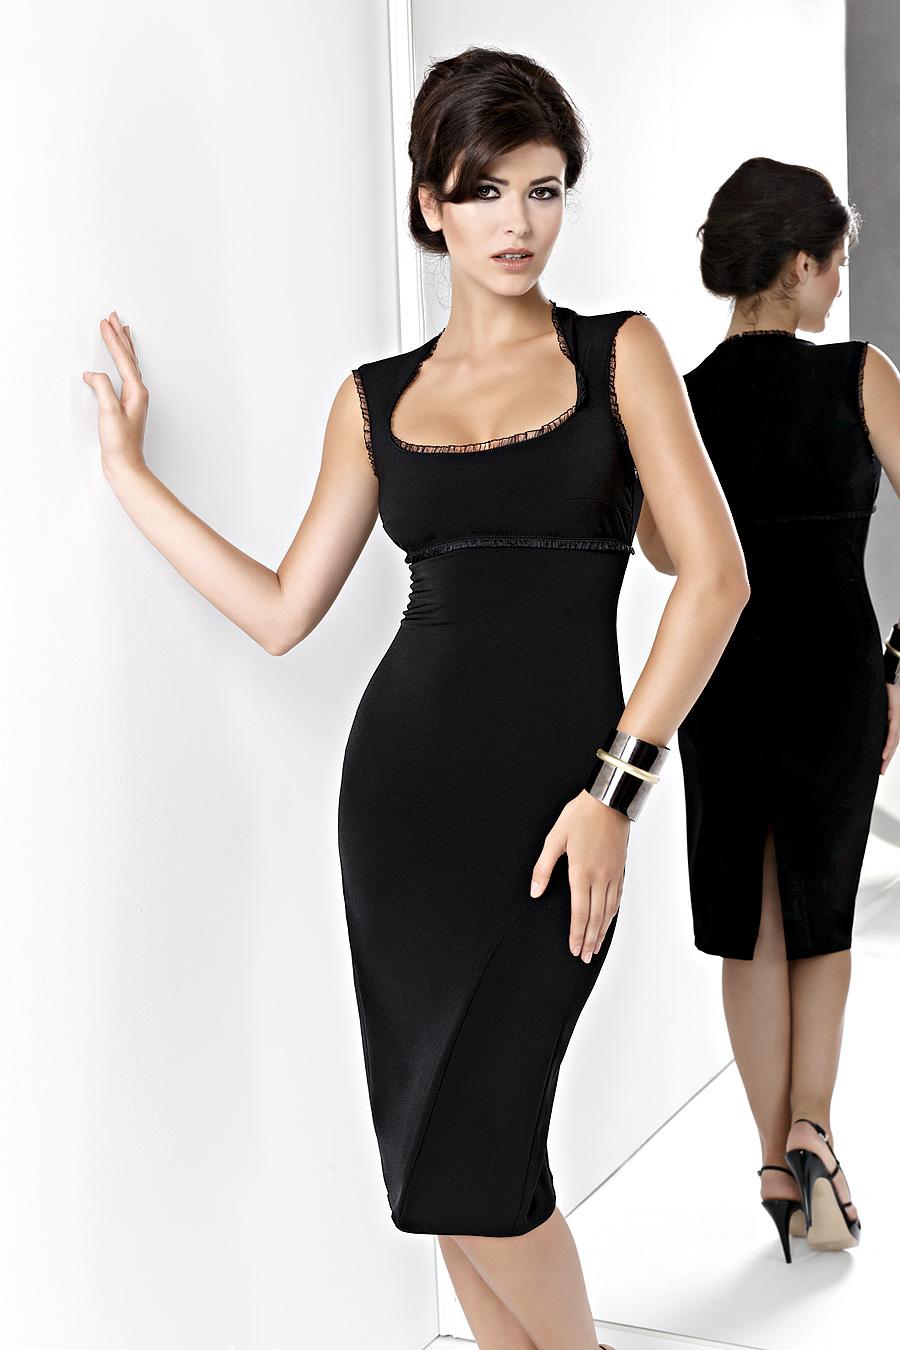 KARTES KM 13 společenské elegantní šaty černé  16a968f7f8